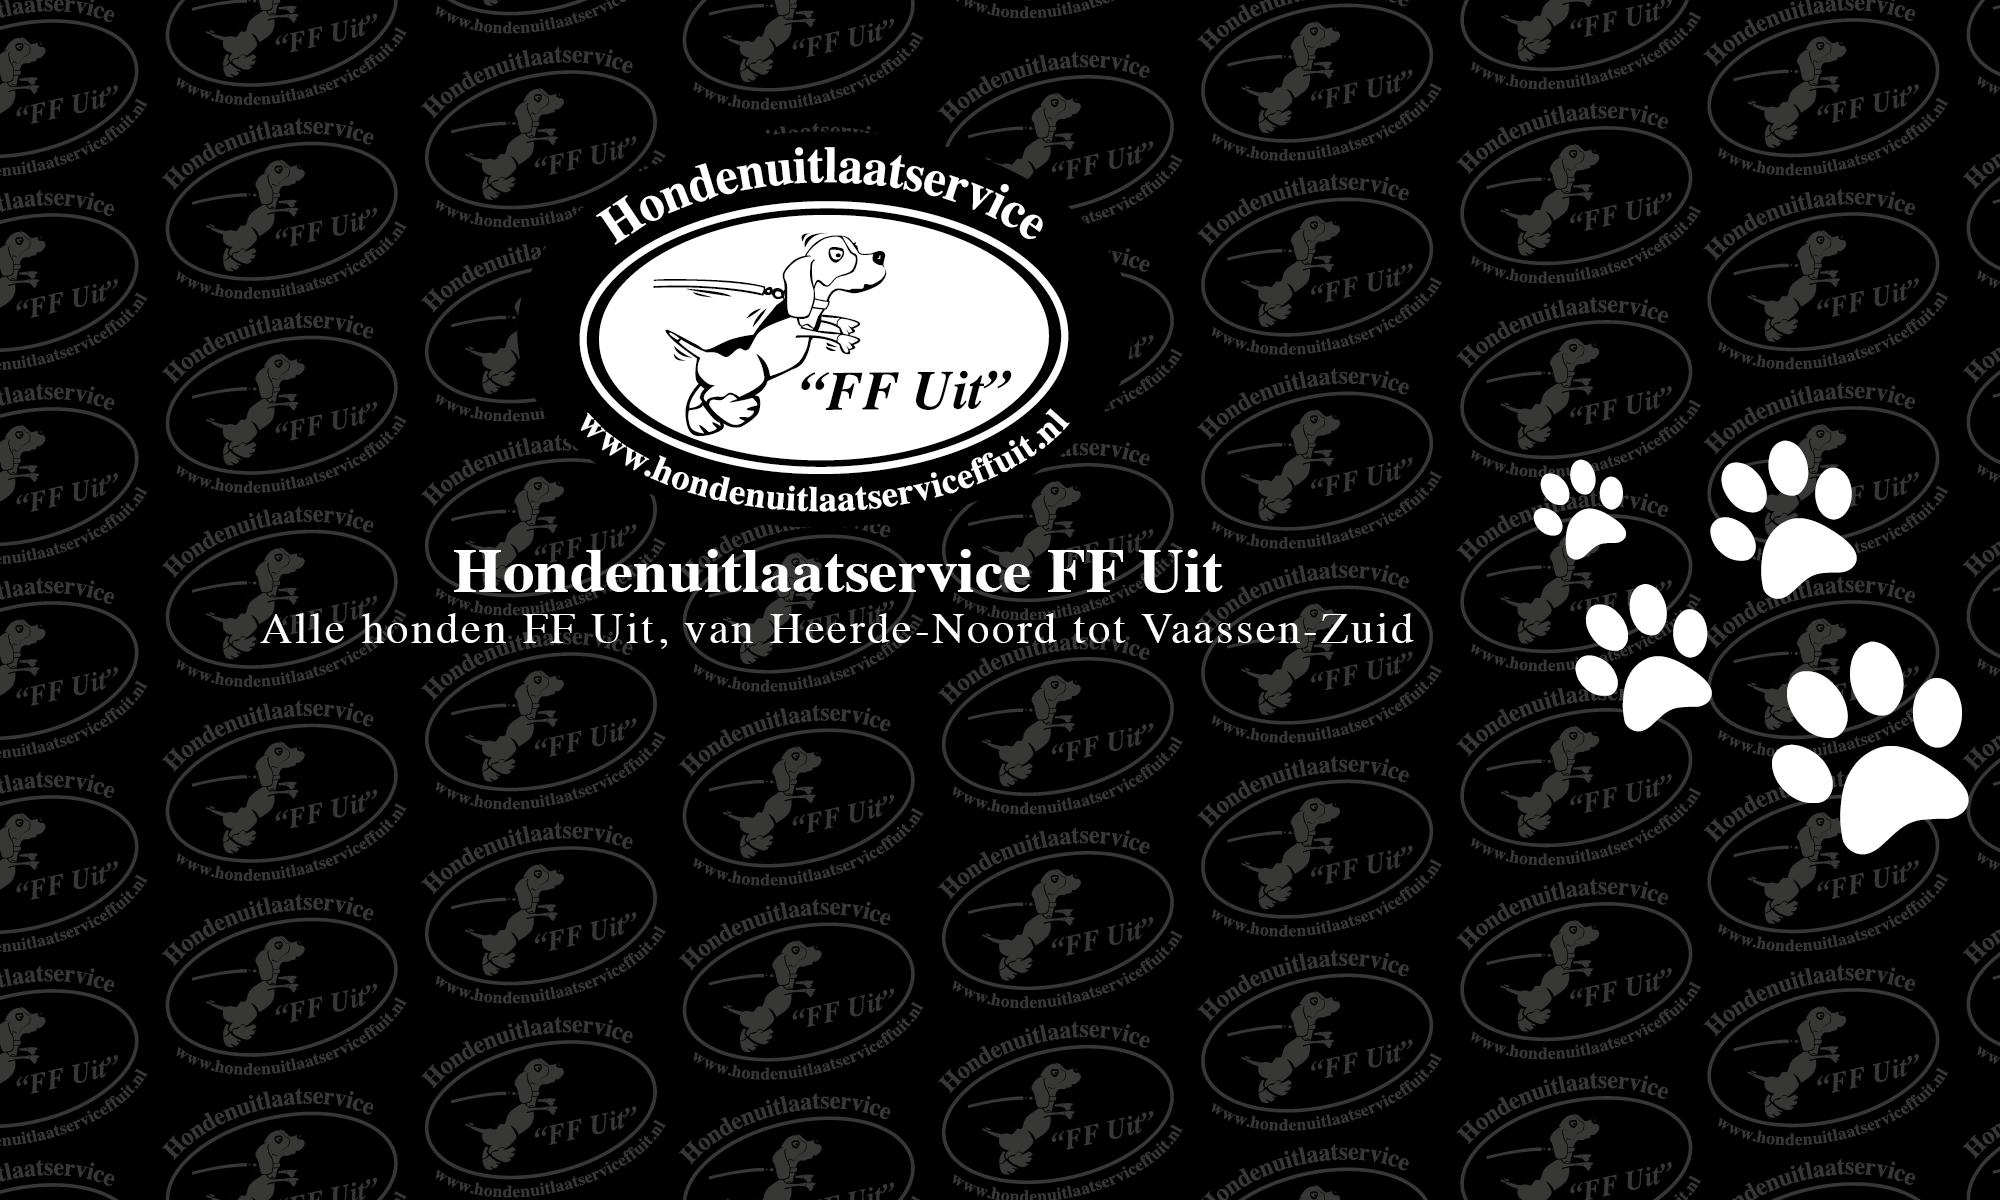 Hondenuitlaatservice FF uit